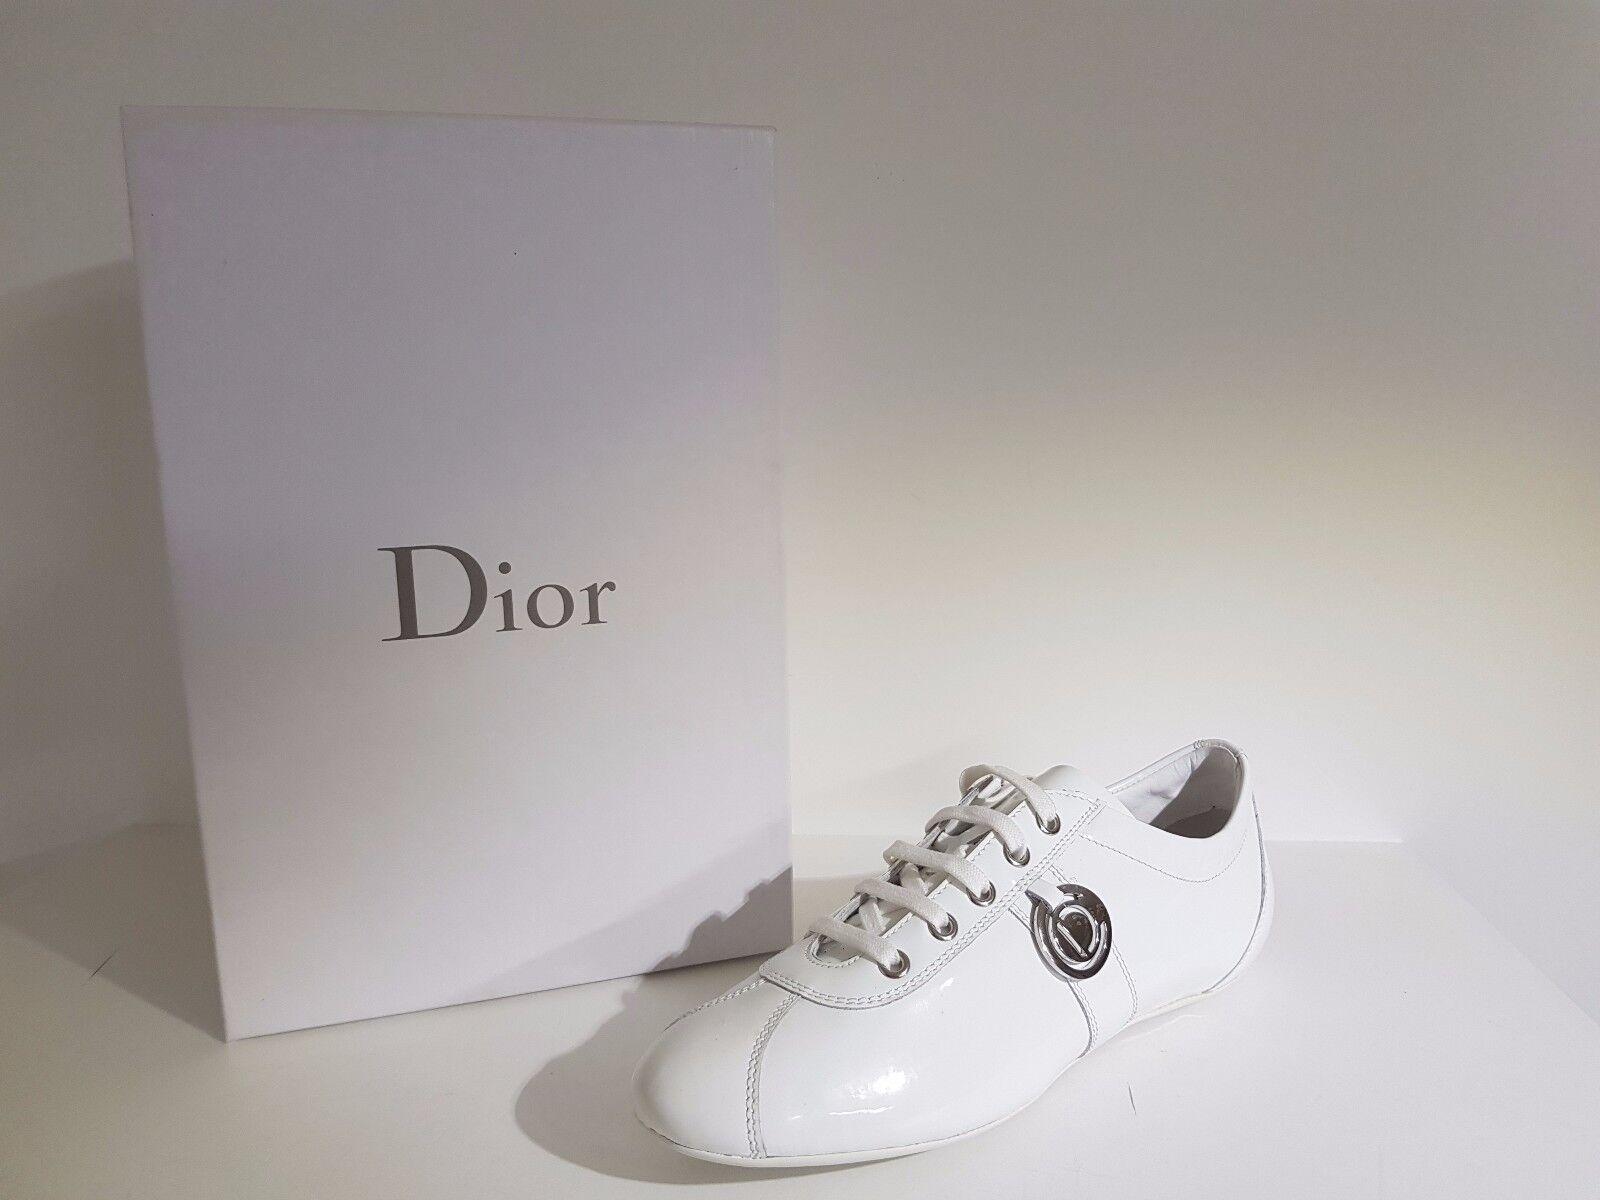 Scarpa Donna Dior 74271 .Sconto -60% Art. VRN 74271 Dior Col. Bianco 486e61